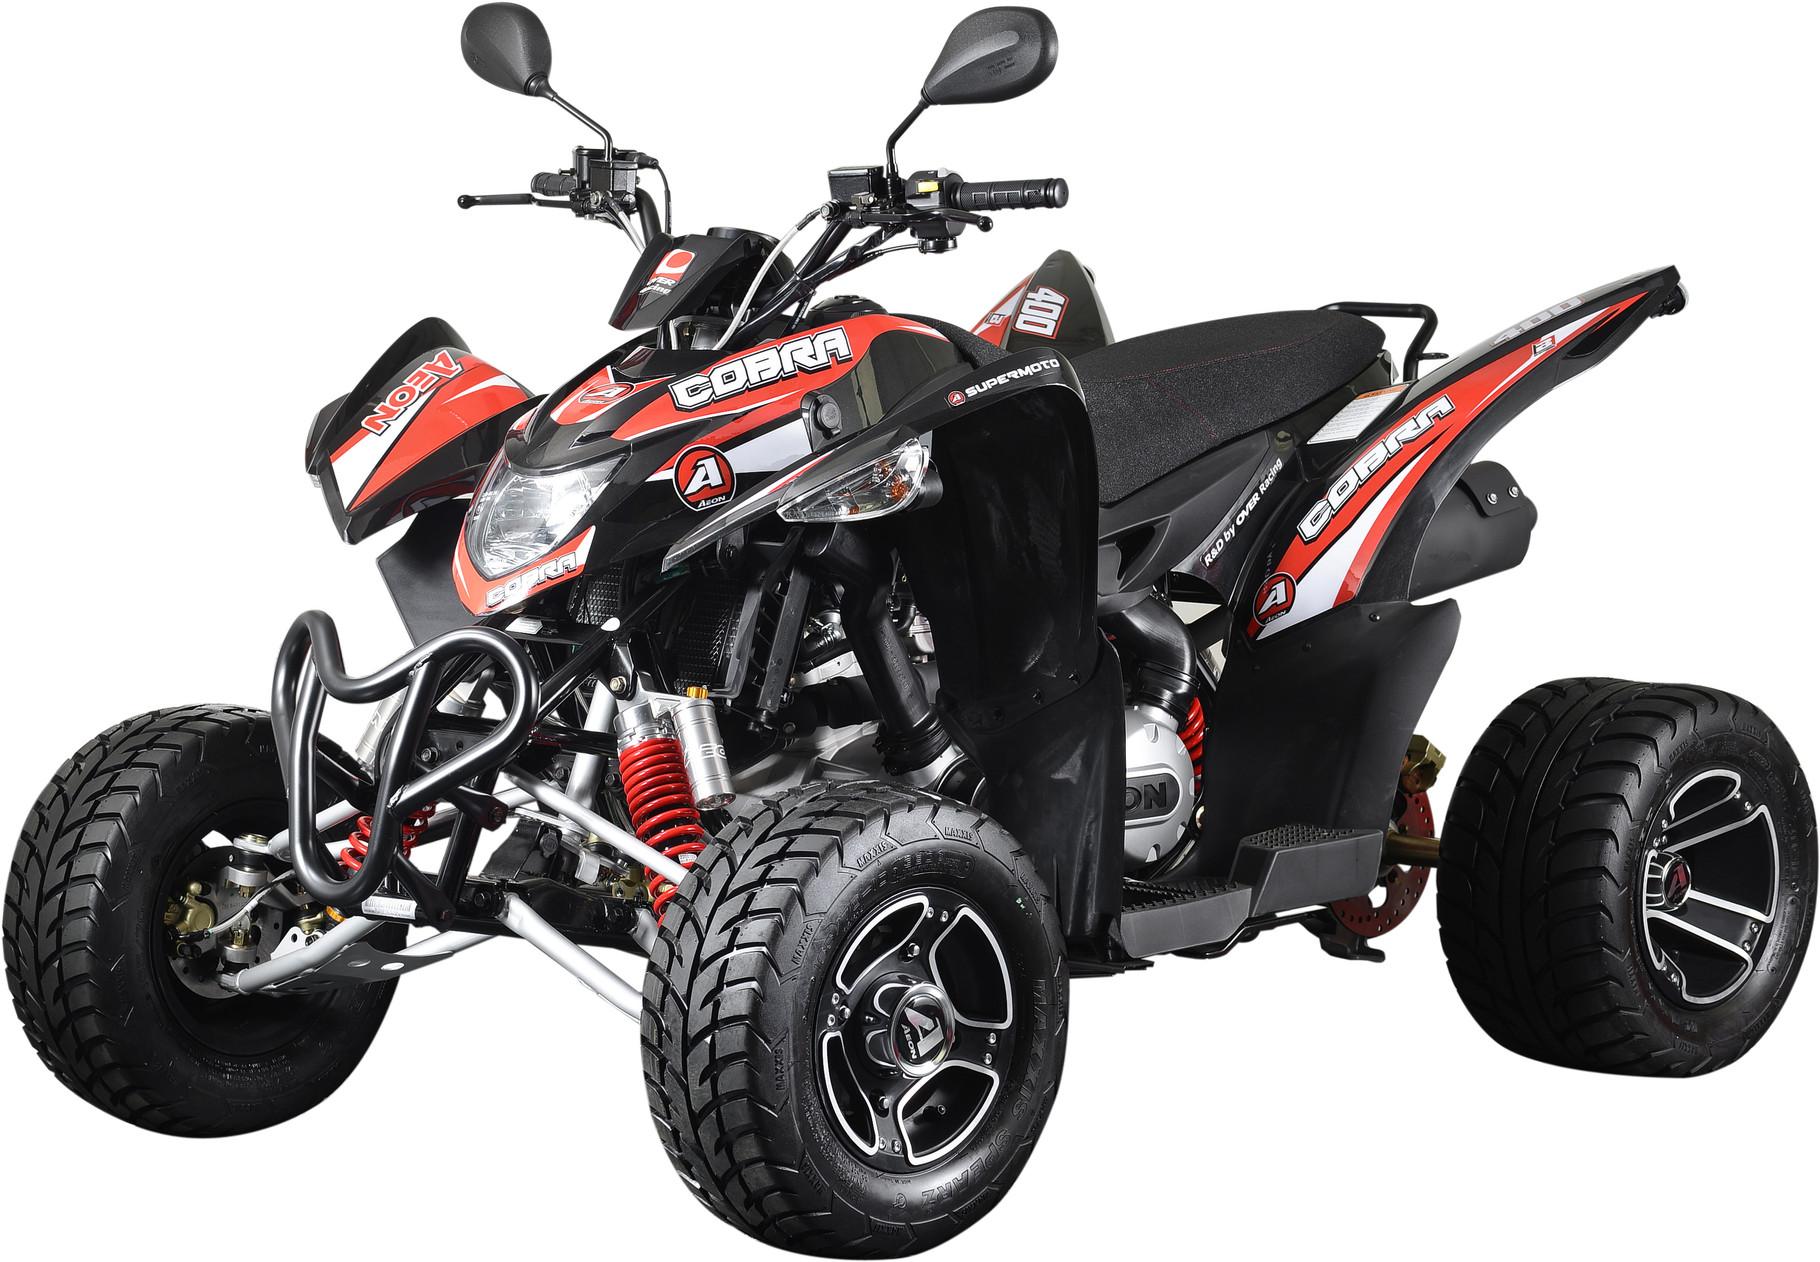 Aeon ATV service manuals & spare parts manuals PDF ...